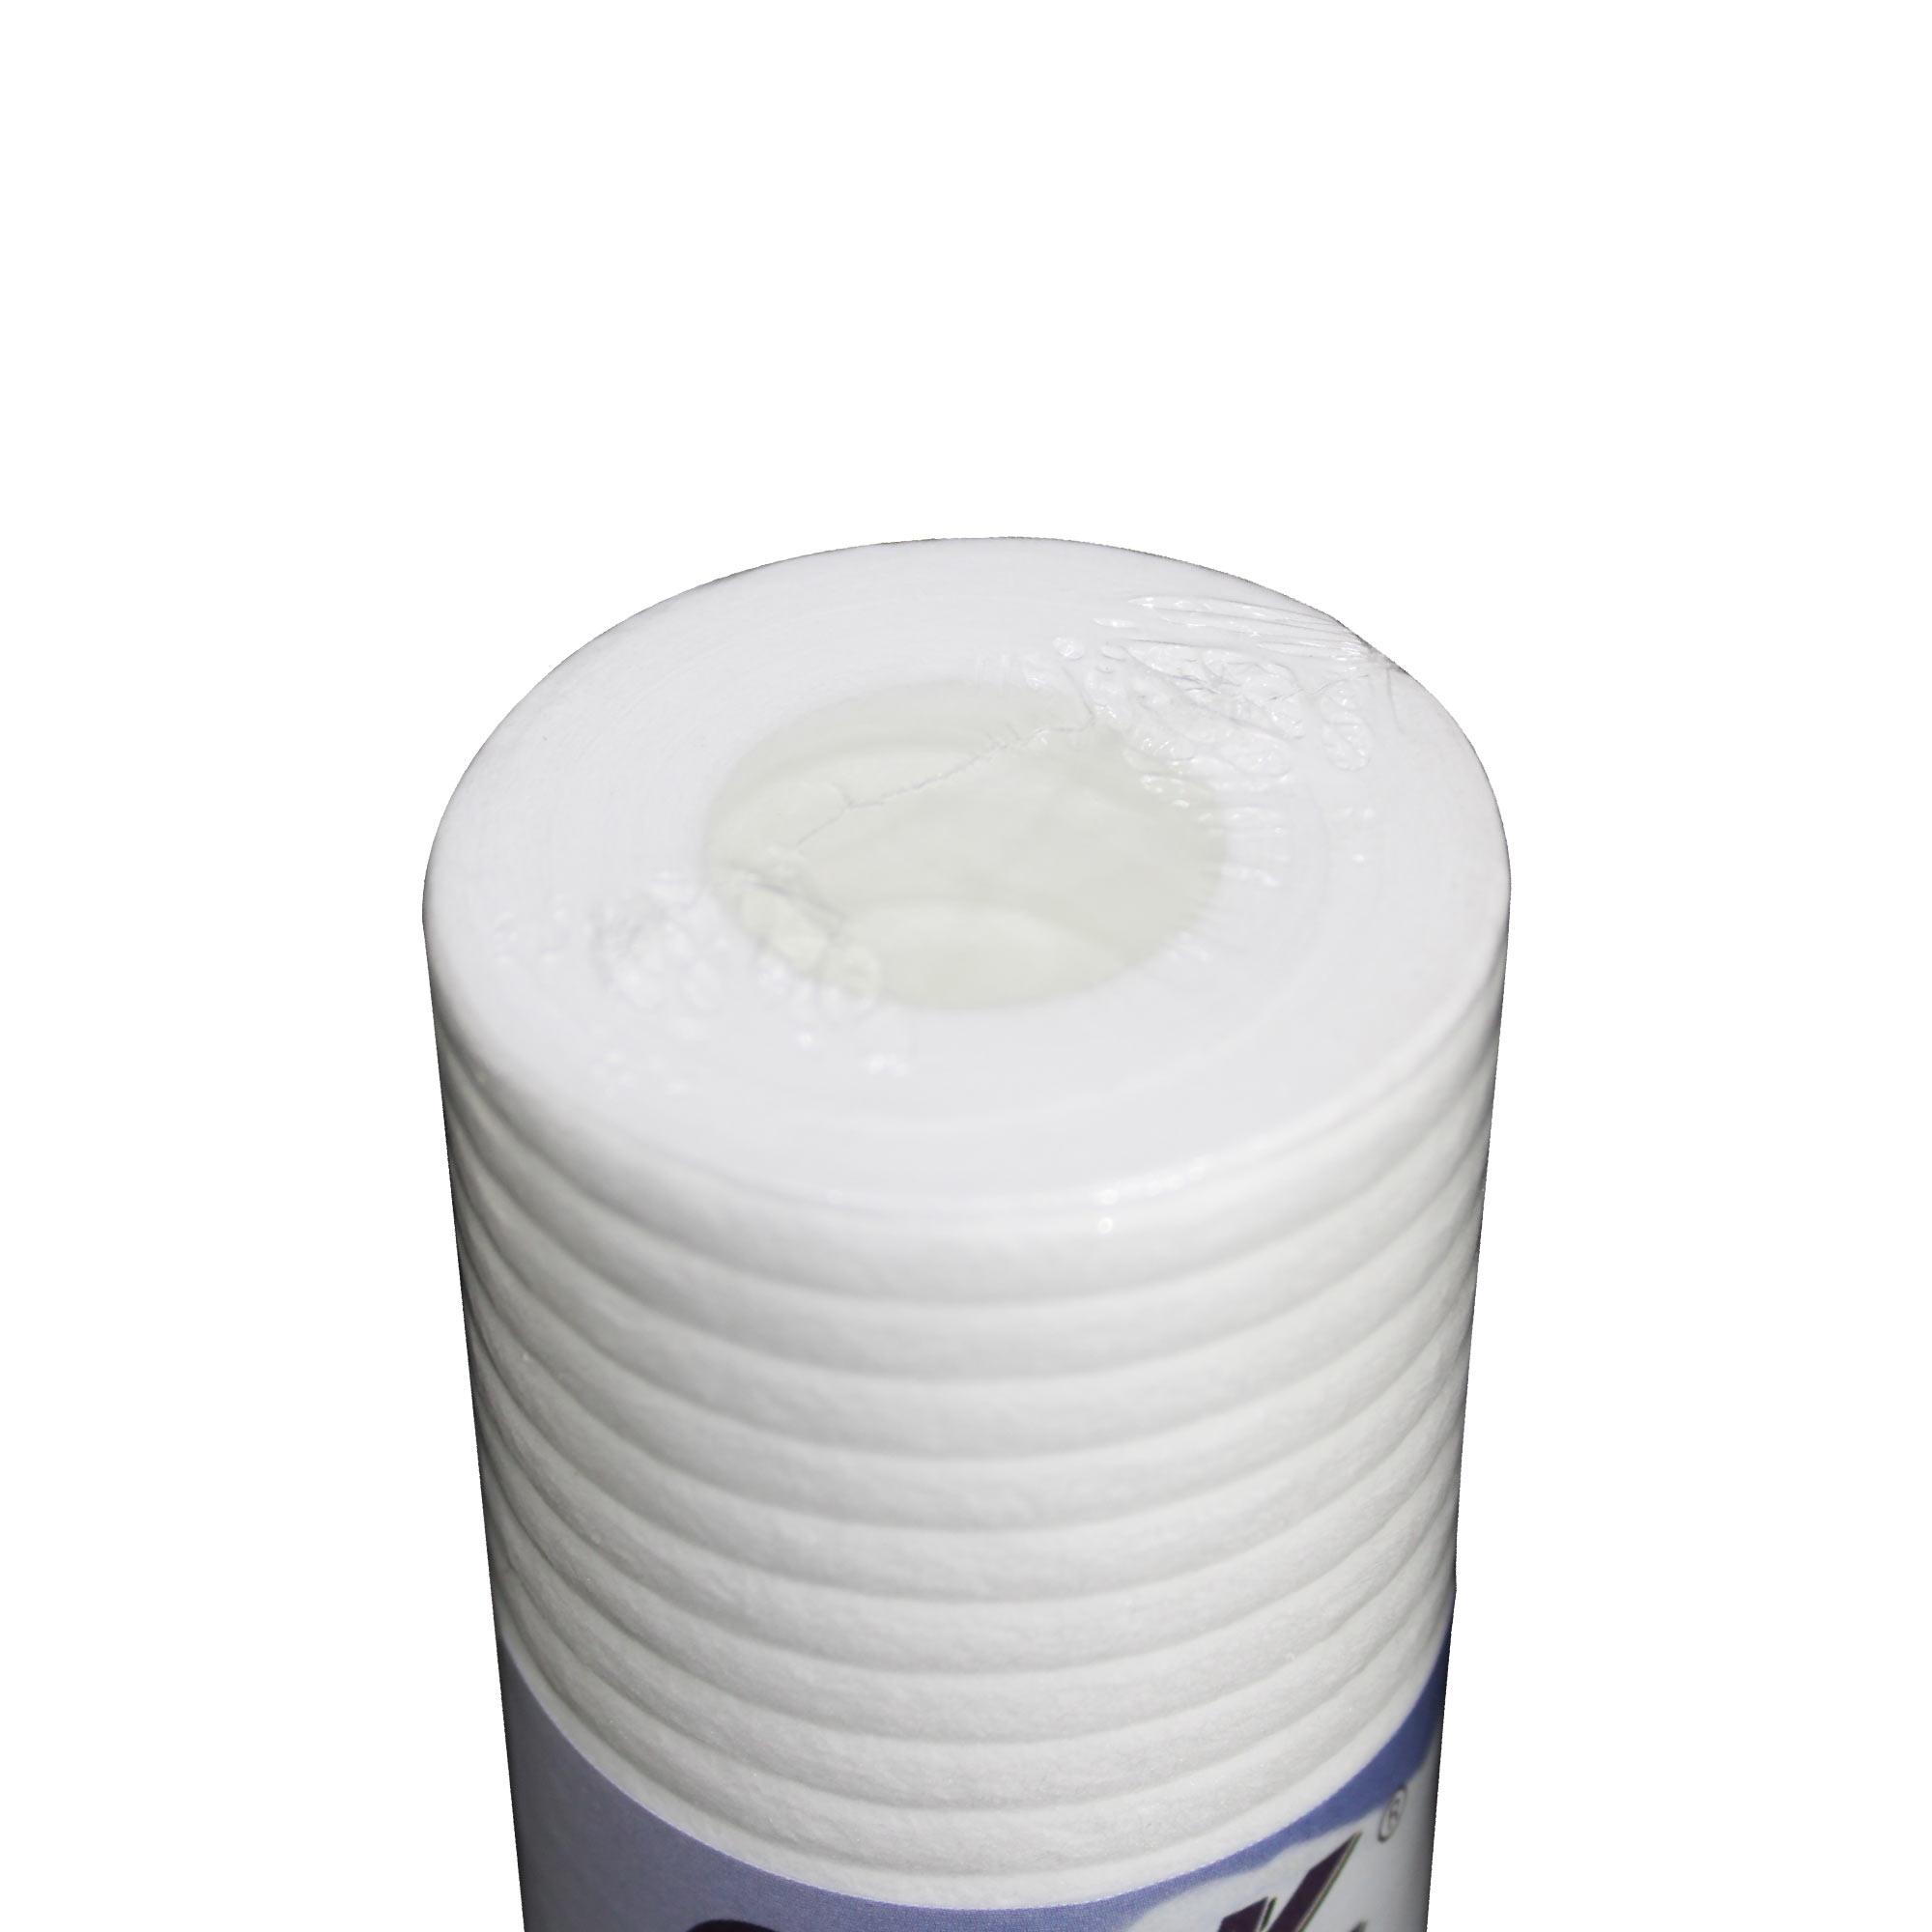 فیلتر دستگاه تصفیه کننده آب سی سی کا مدل SC-10-5 بسته 3 عددی